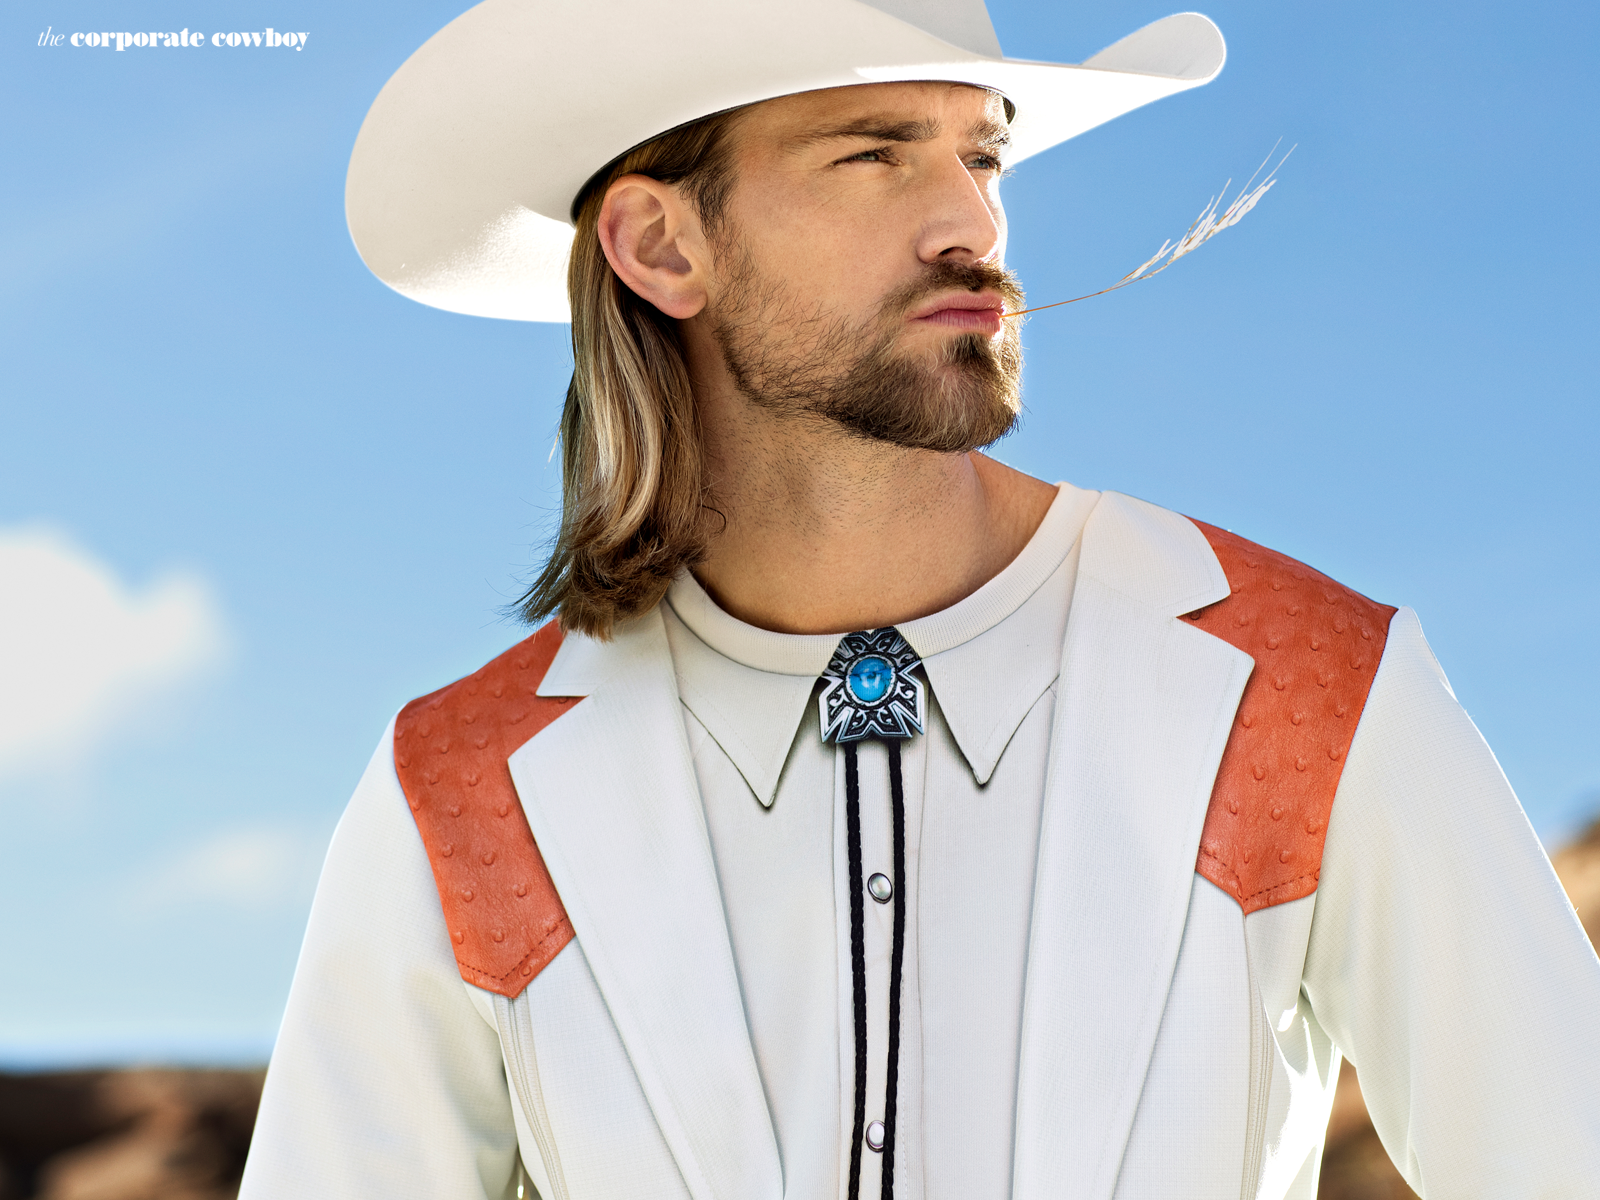 ShopifyC_1600x1200_Cowboy_4.png